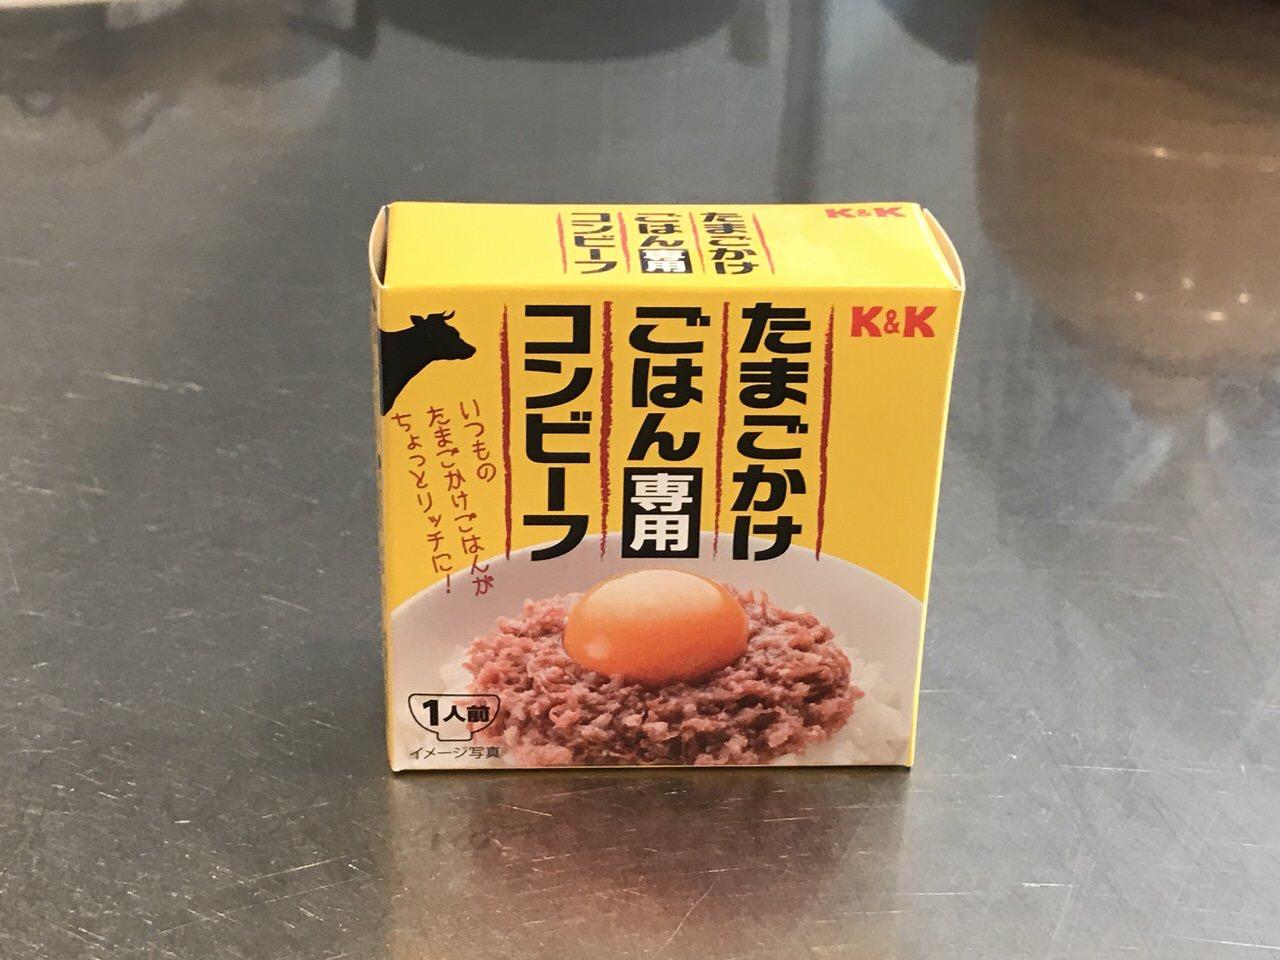 「たまごかけごはん専用コンビーフ」1